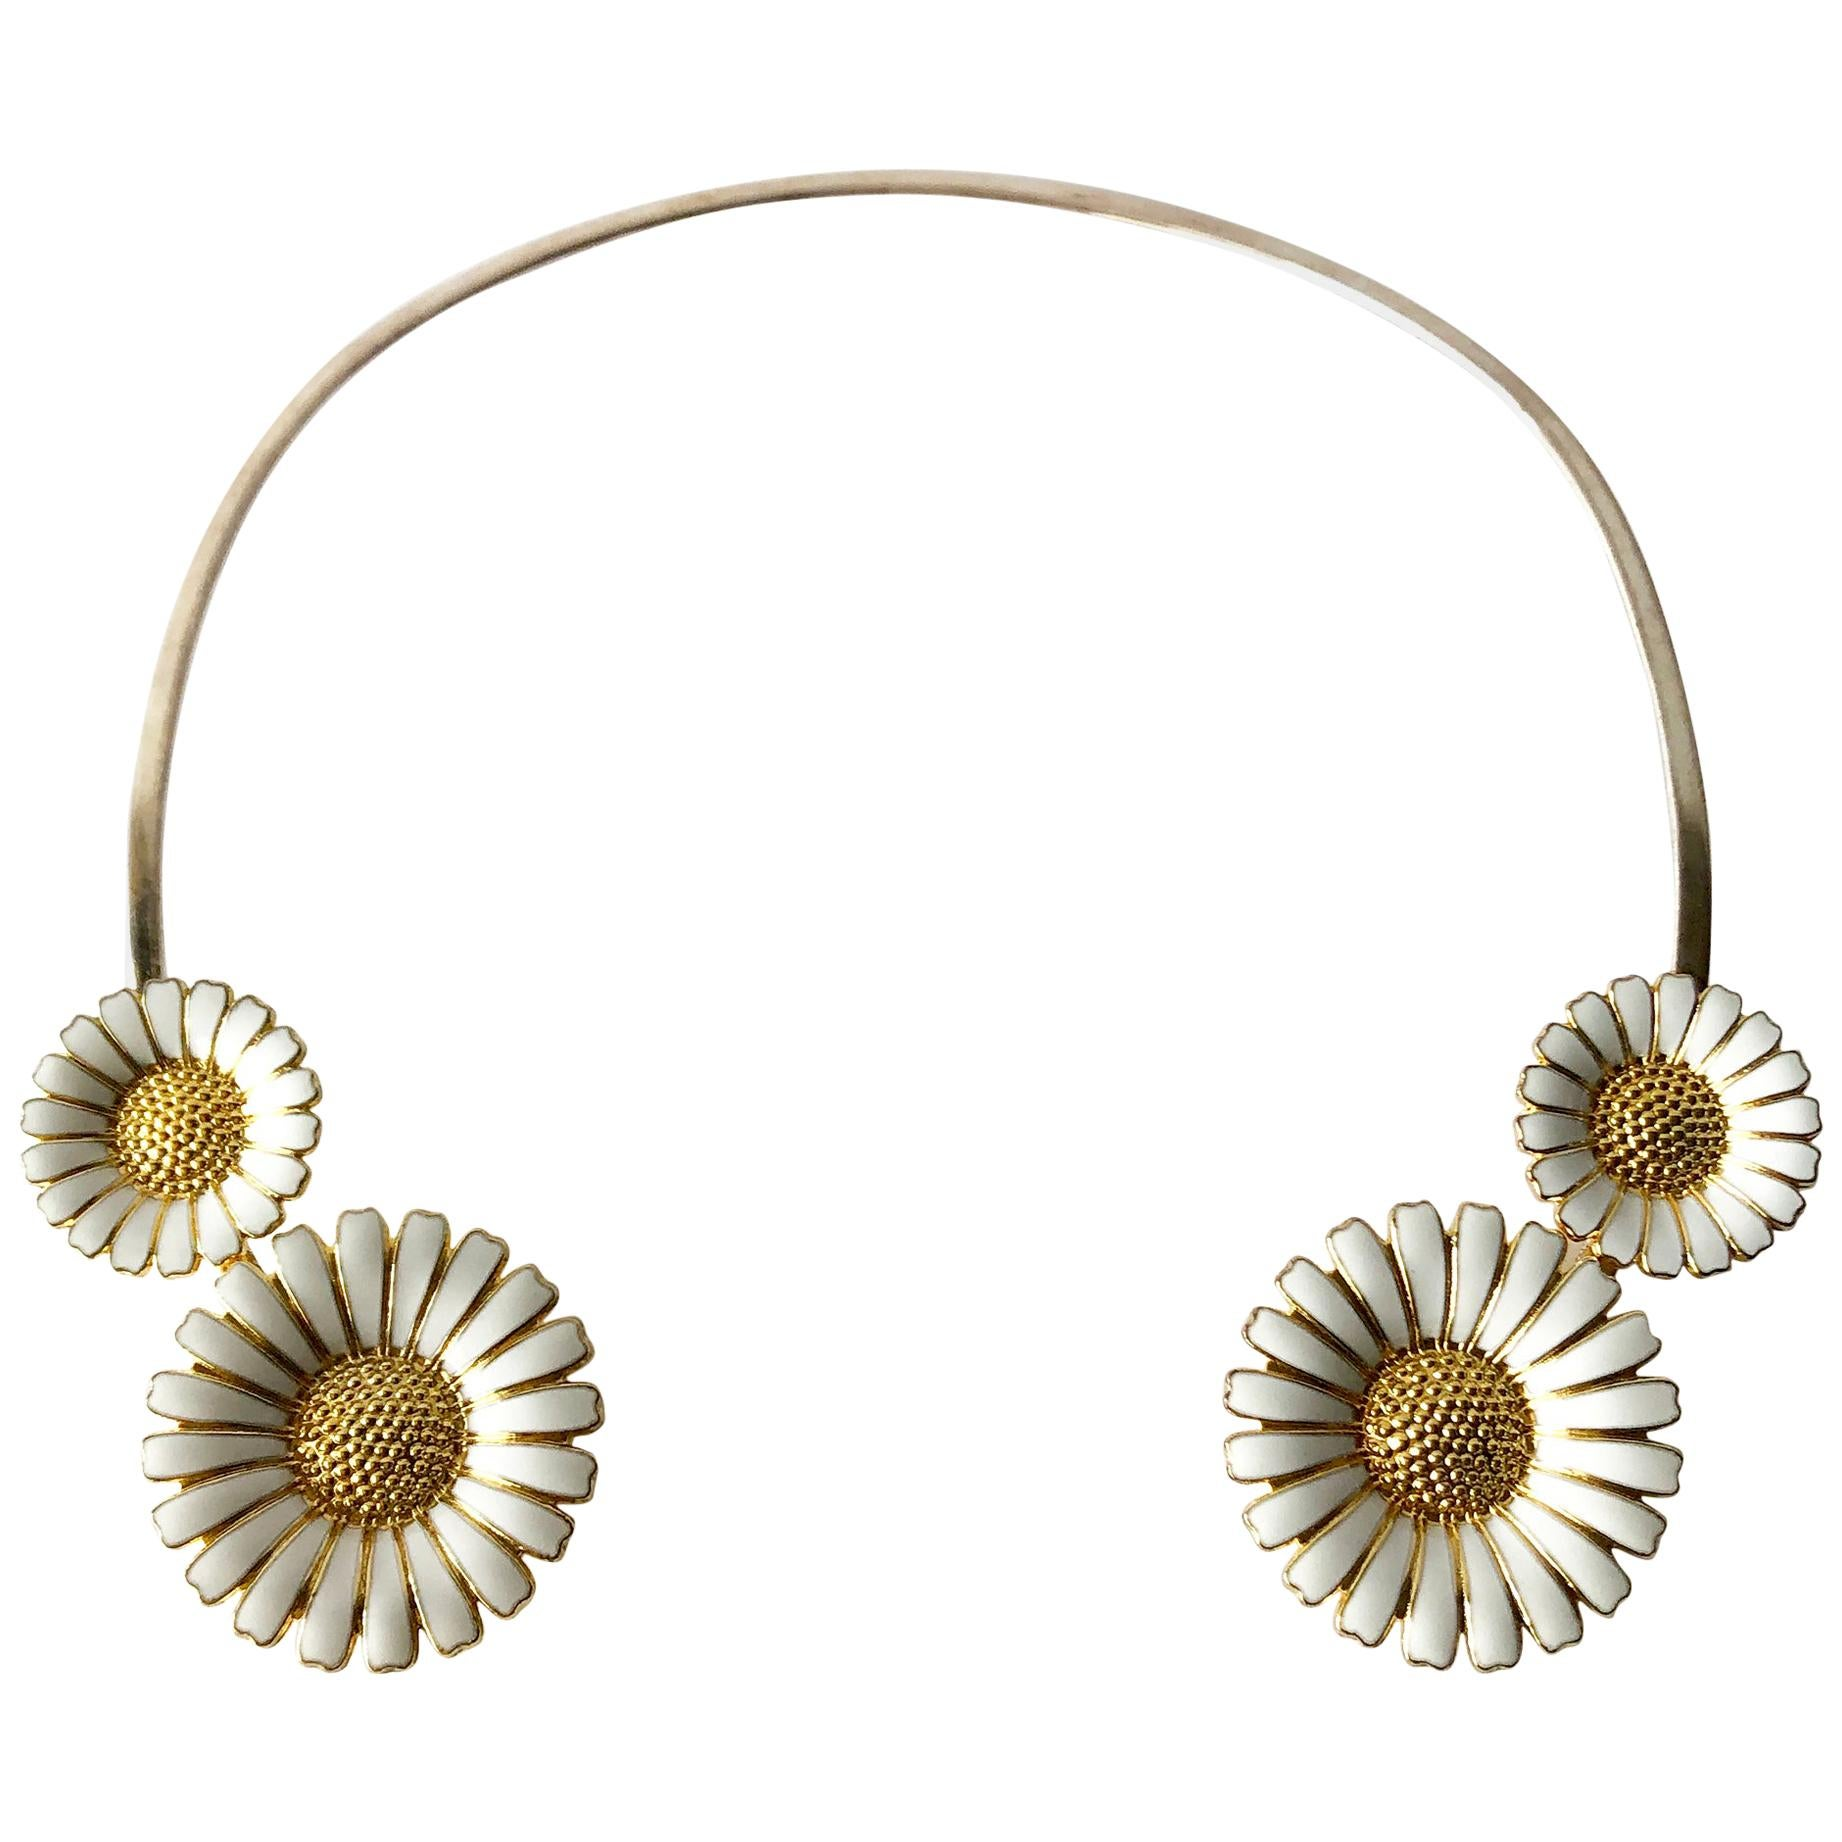 Bernhard Hertz Sterling Silver Gilt Enamel Daisy Danish Modernist Necklace